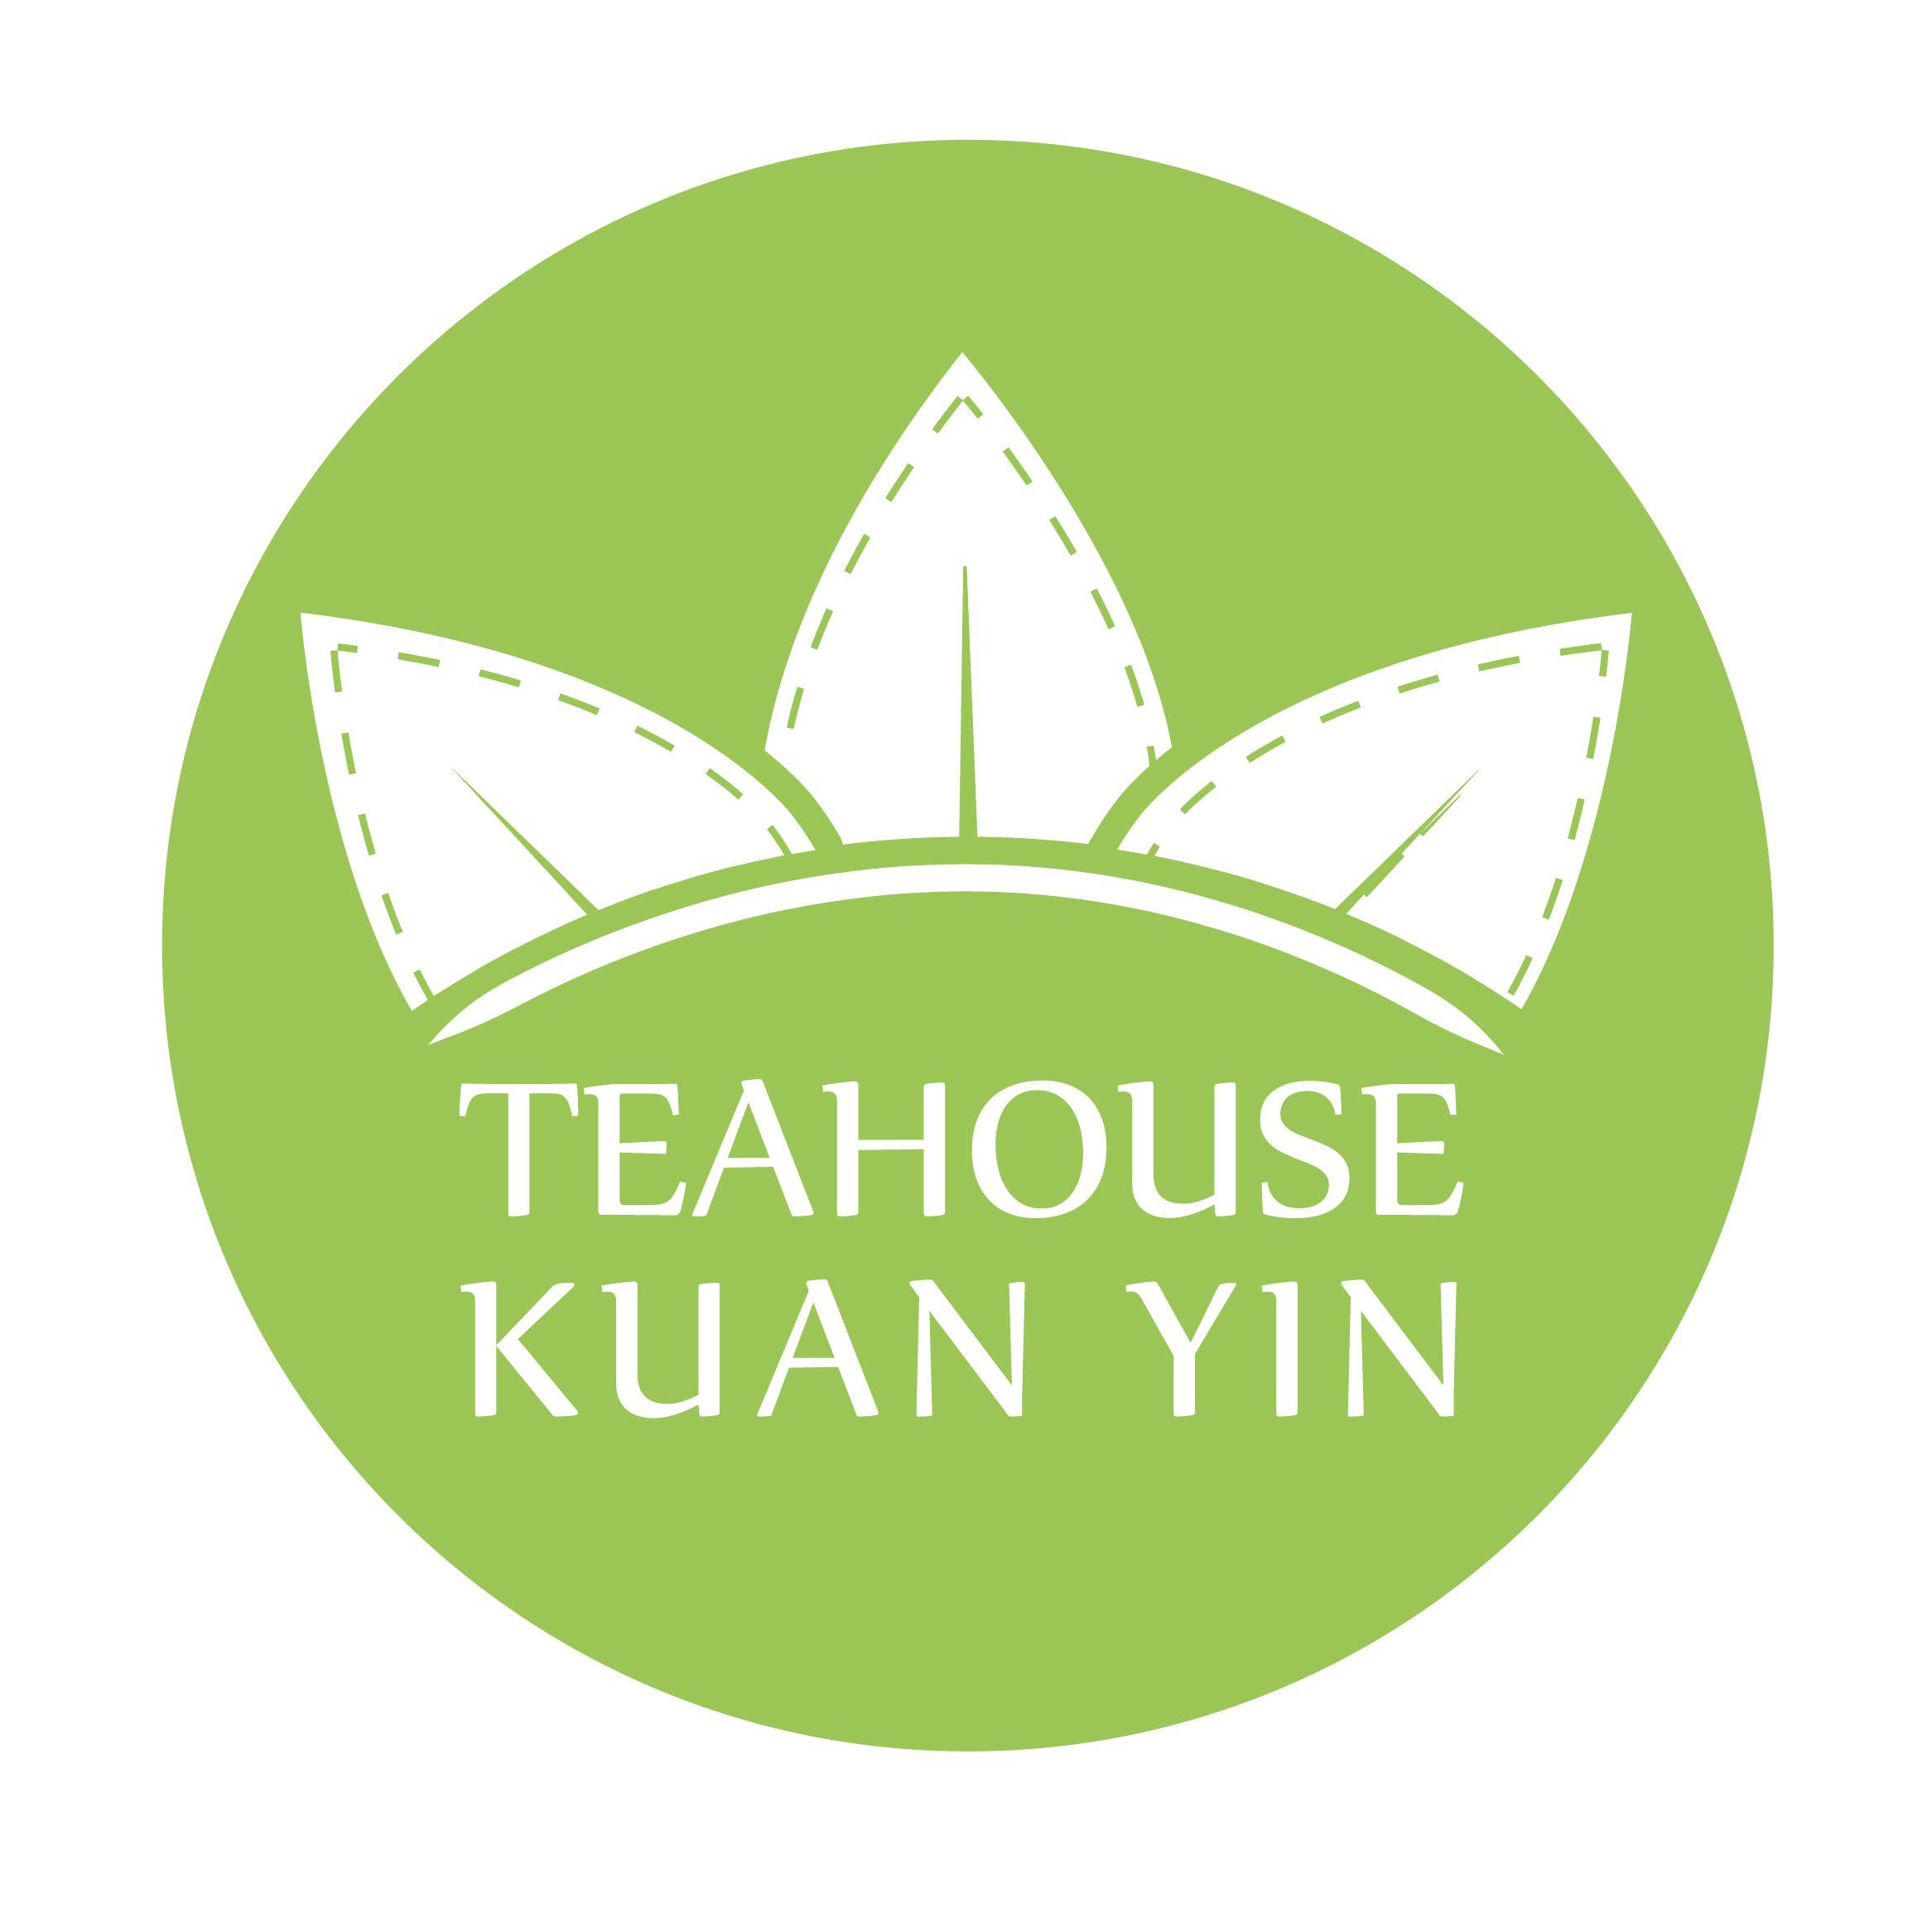 Logo Re-brand - Teahouse Kuan Yin